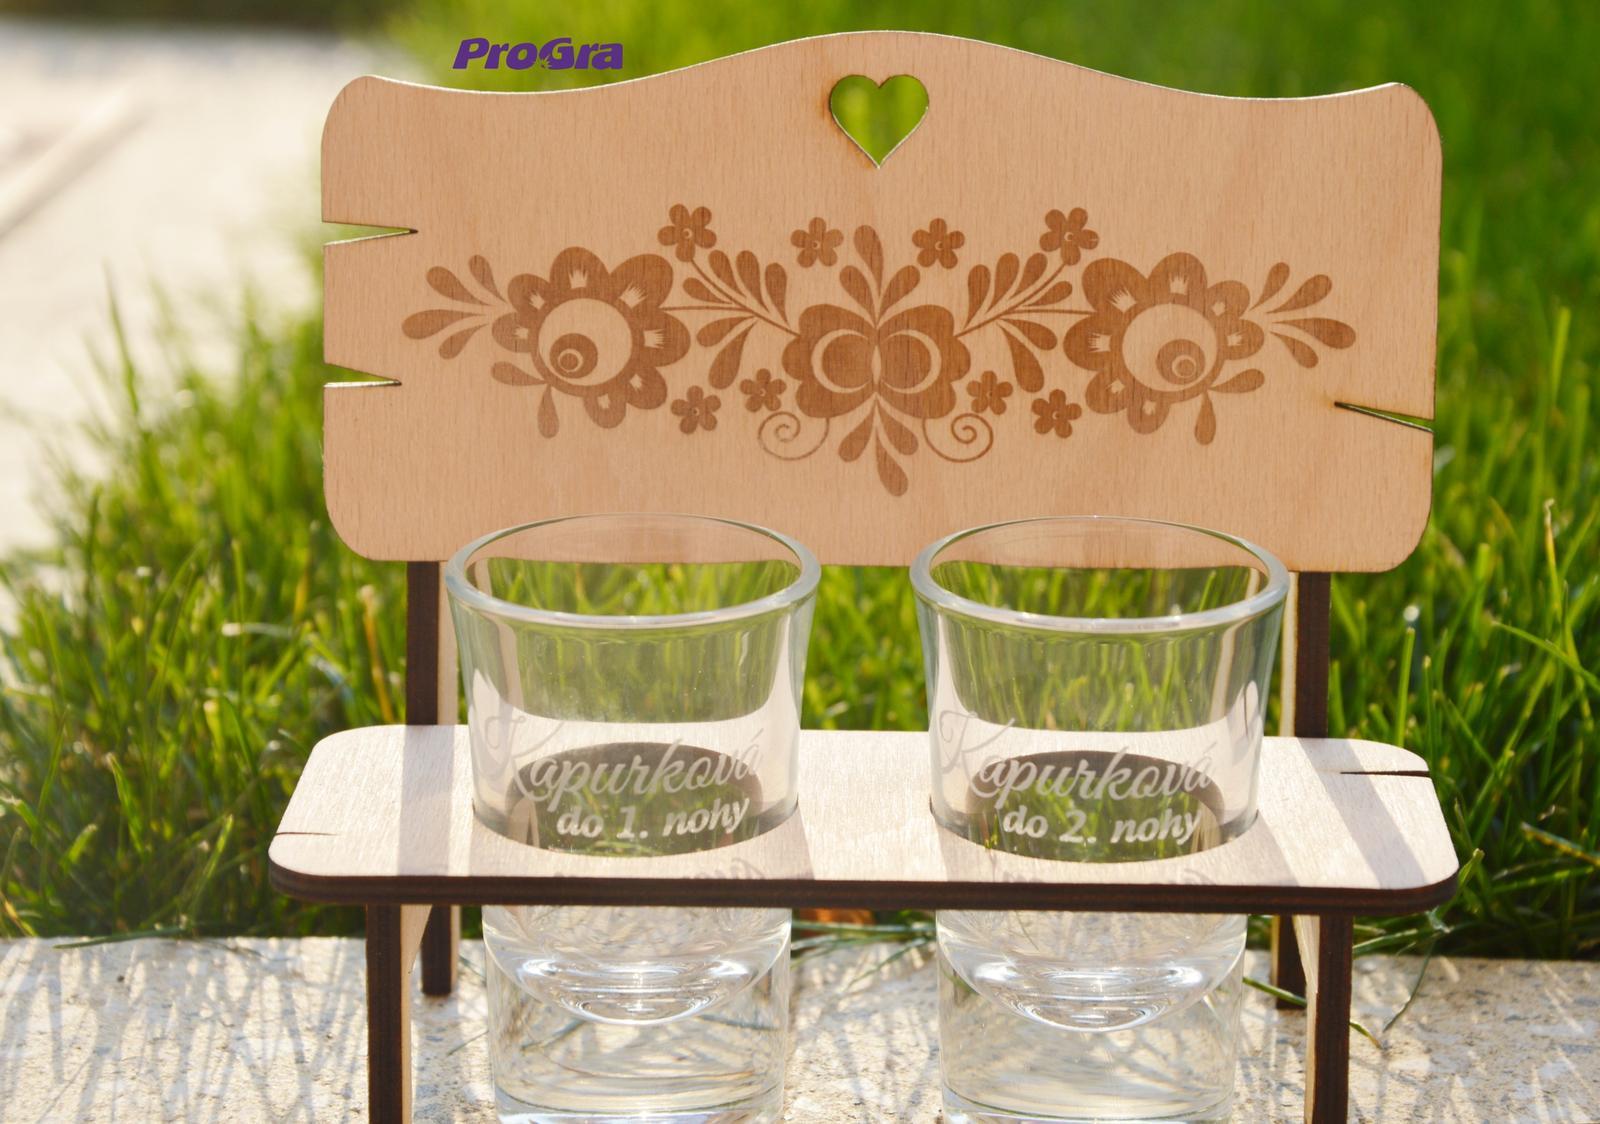 Po svadbičke - Lavička so štamprlíkmi - gravírujeme aj personalizovane